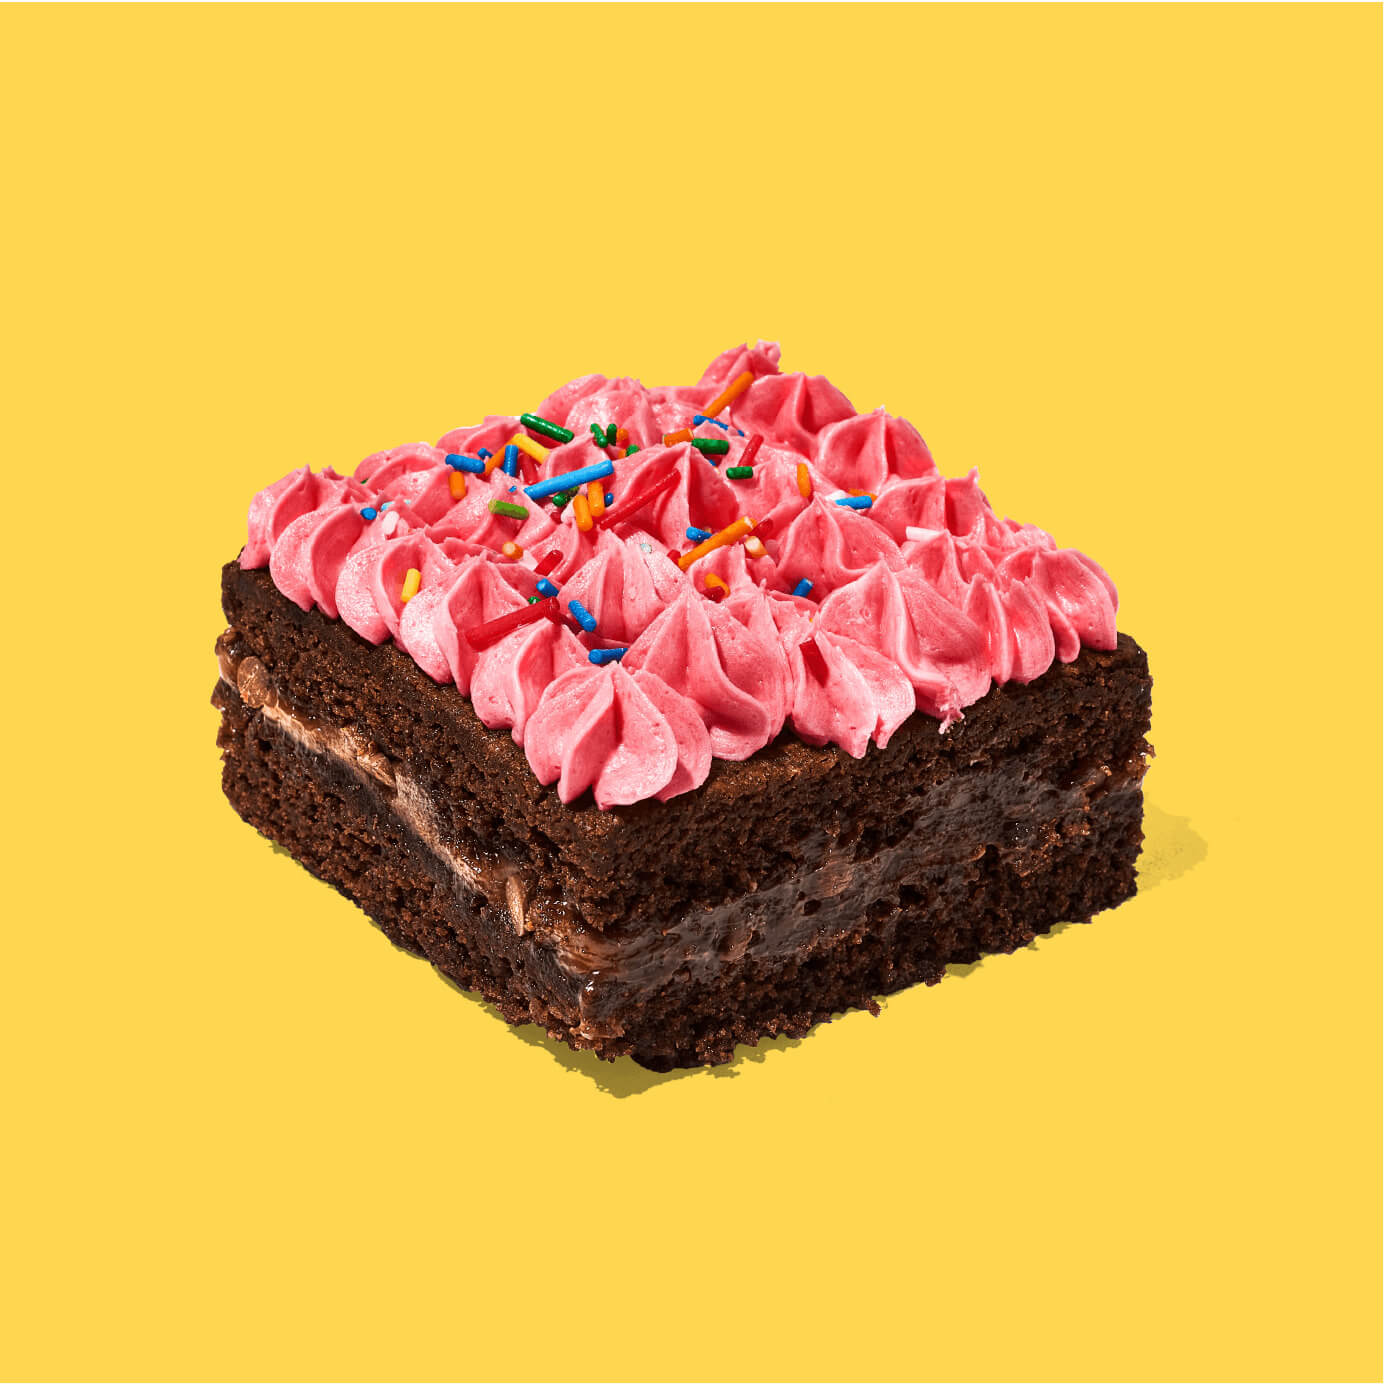 Nuestro Brownie de chocolate relleno con manjar blanco, decorado con una deliciosa crema de fresa y confites.  Medida de Producto: 6.5 cm de ancho, 6.5 cm de largo, 3.5 cm de altura